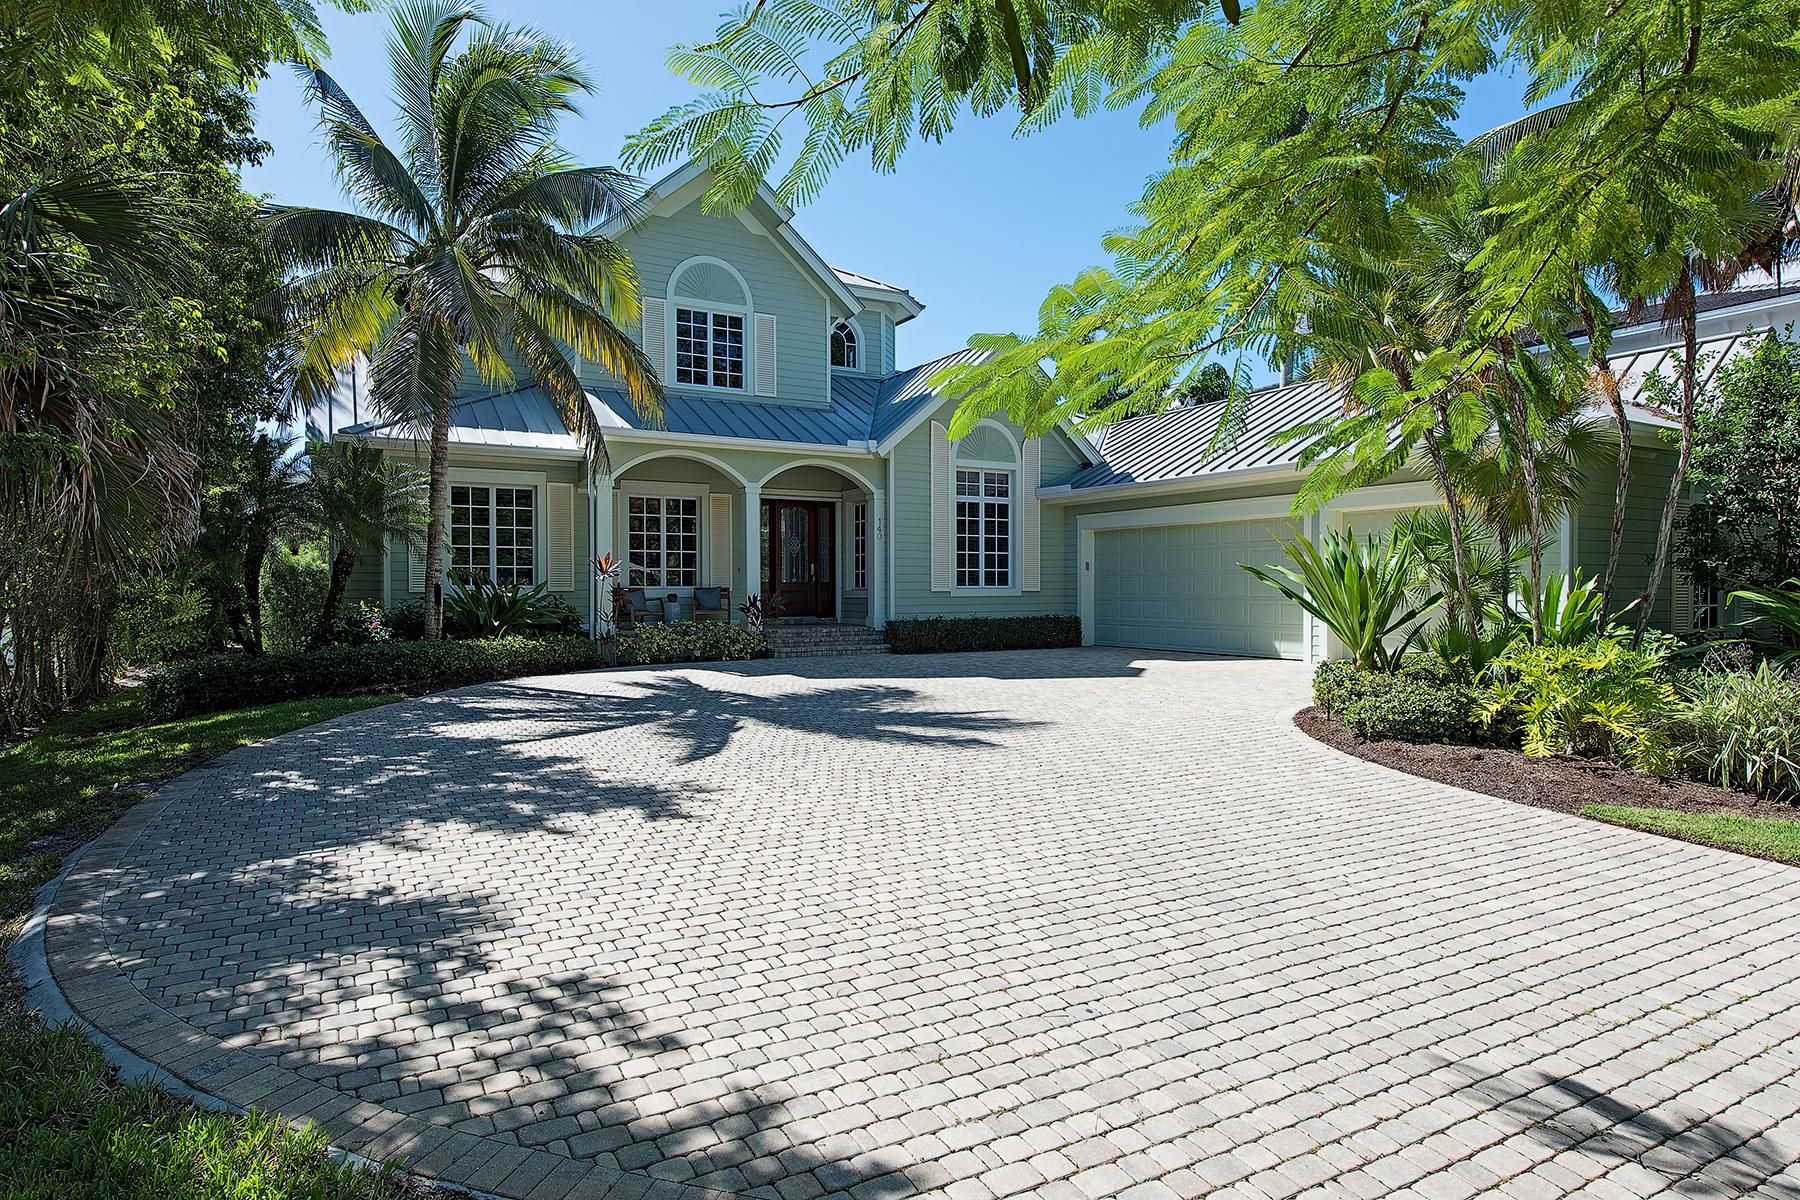 一戸建て のために 売買 アット OLD NAPLES 140 7th Ave N Naples, フロリダ, 34102 アメリカ合衆国